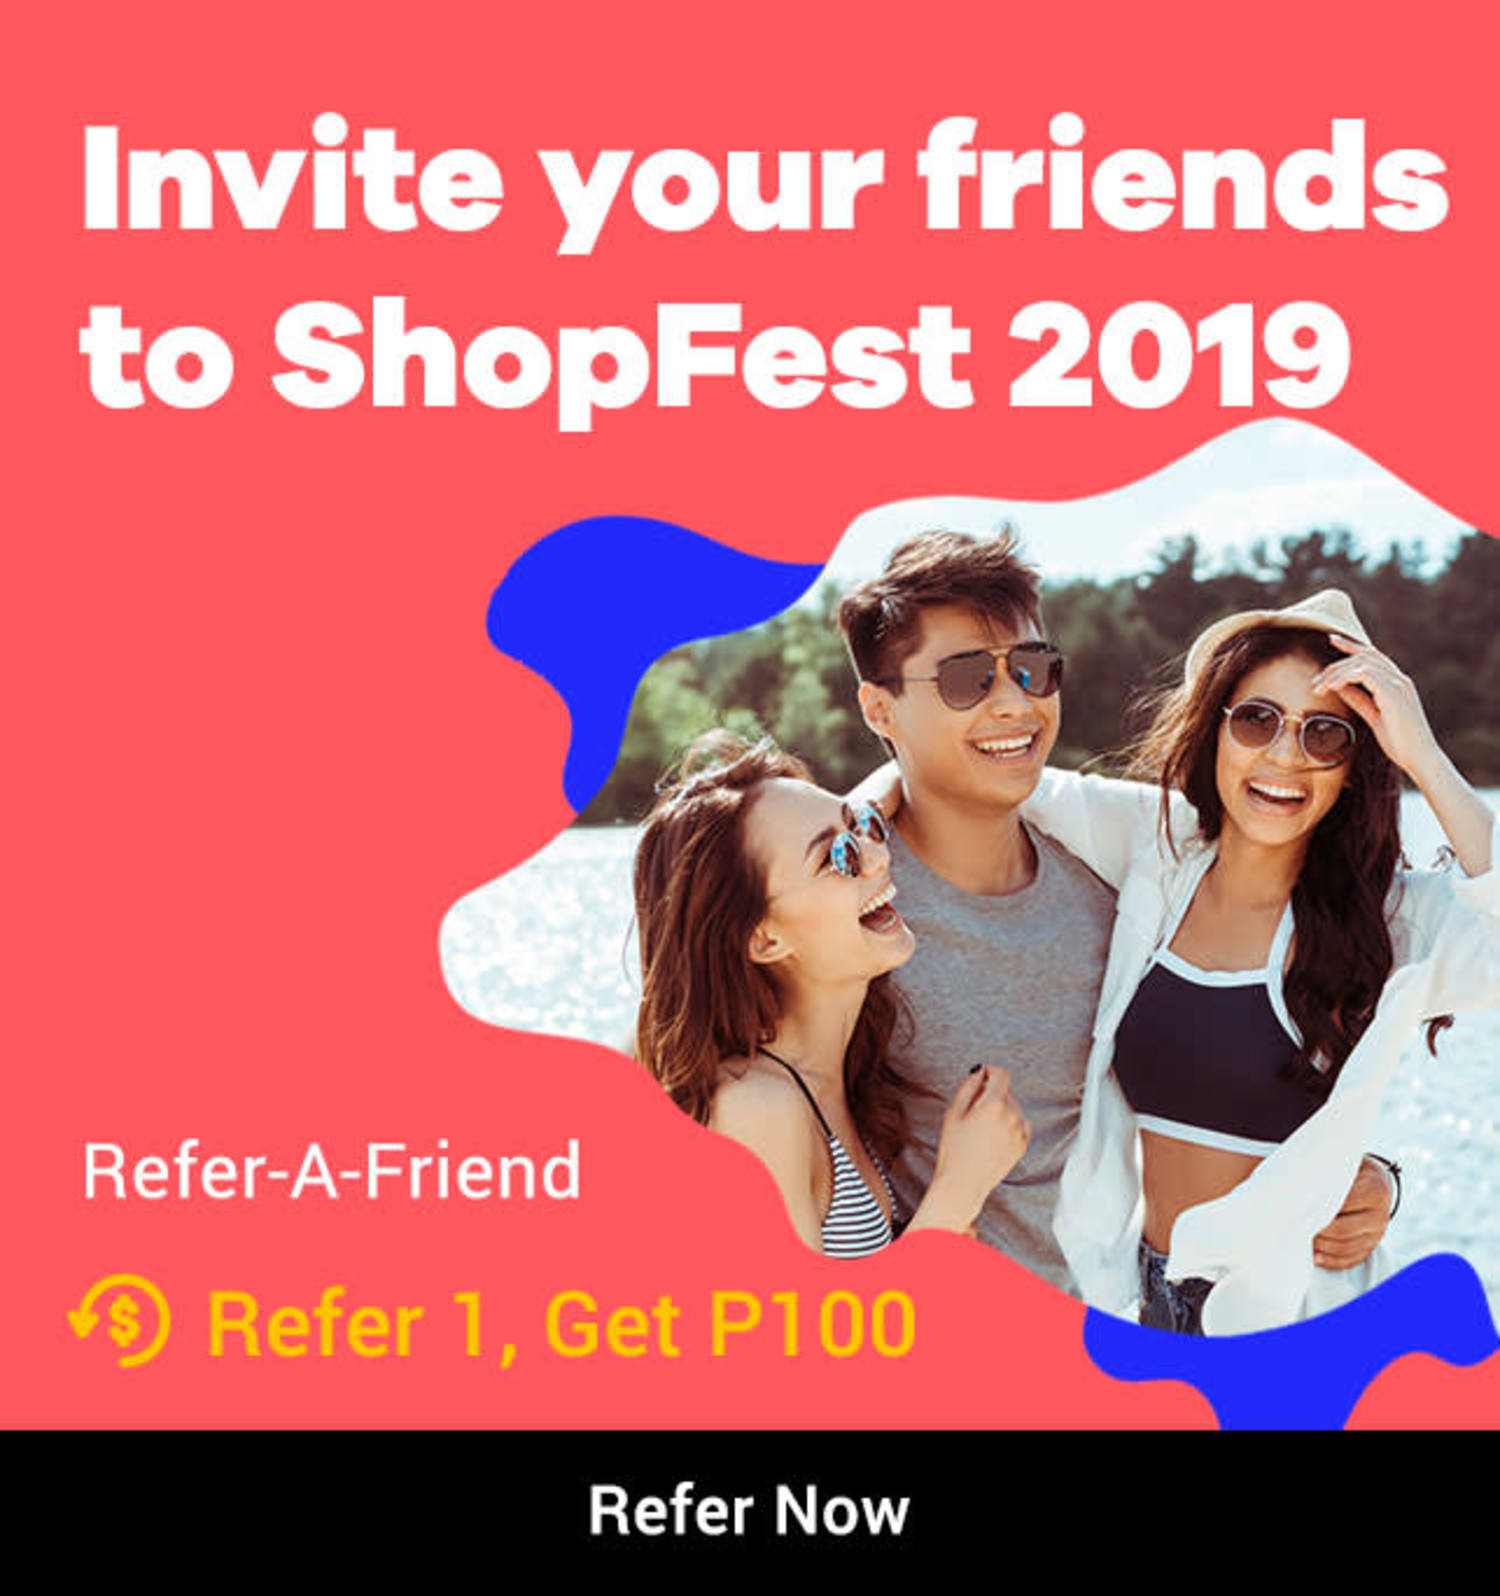 Refer-a-Friend: Get P100 Bonus Cashback